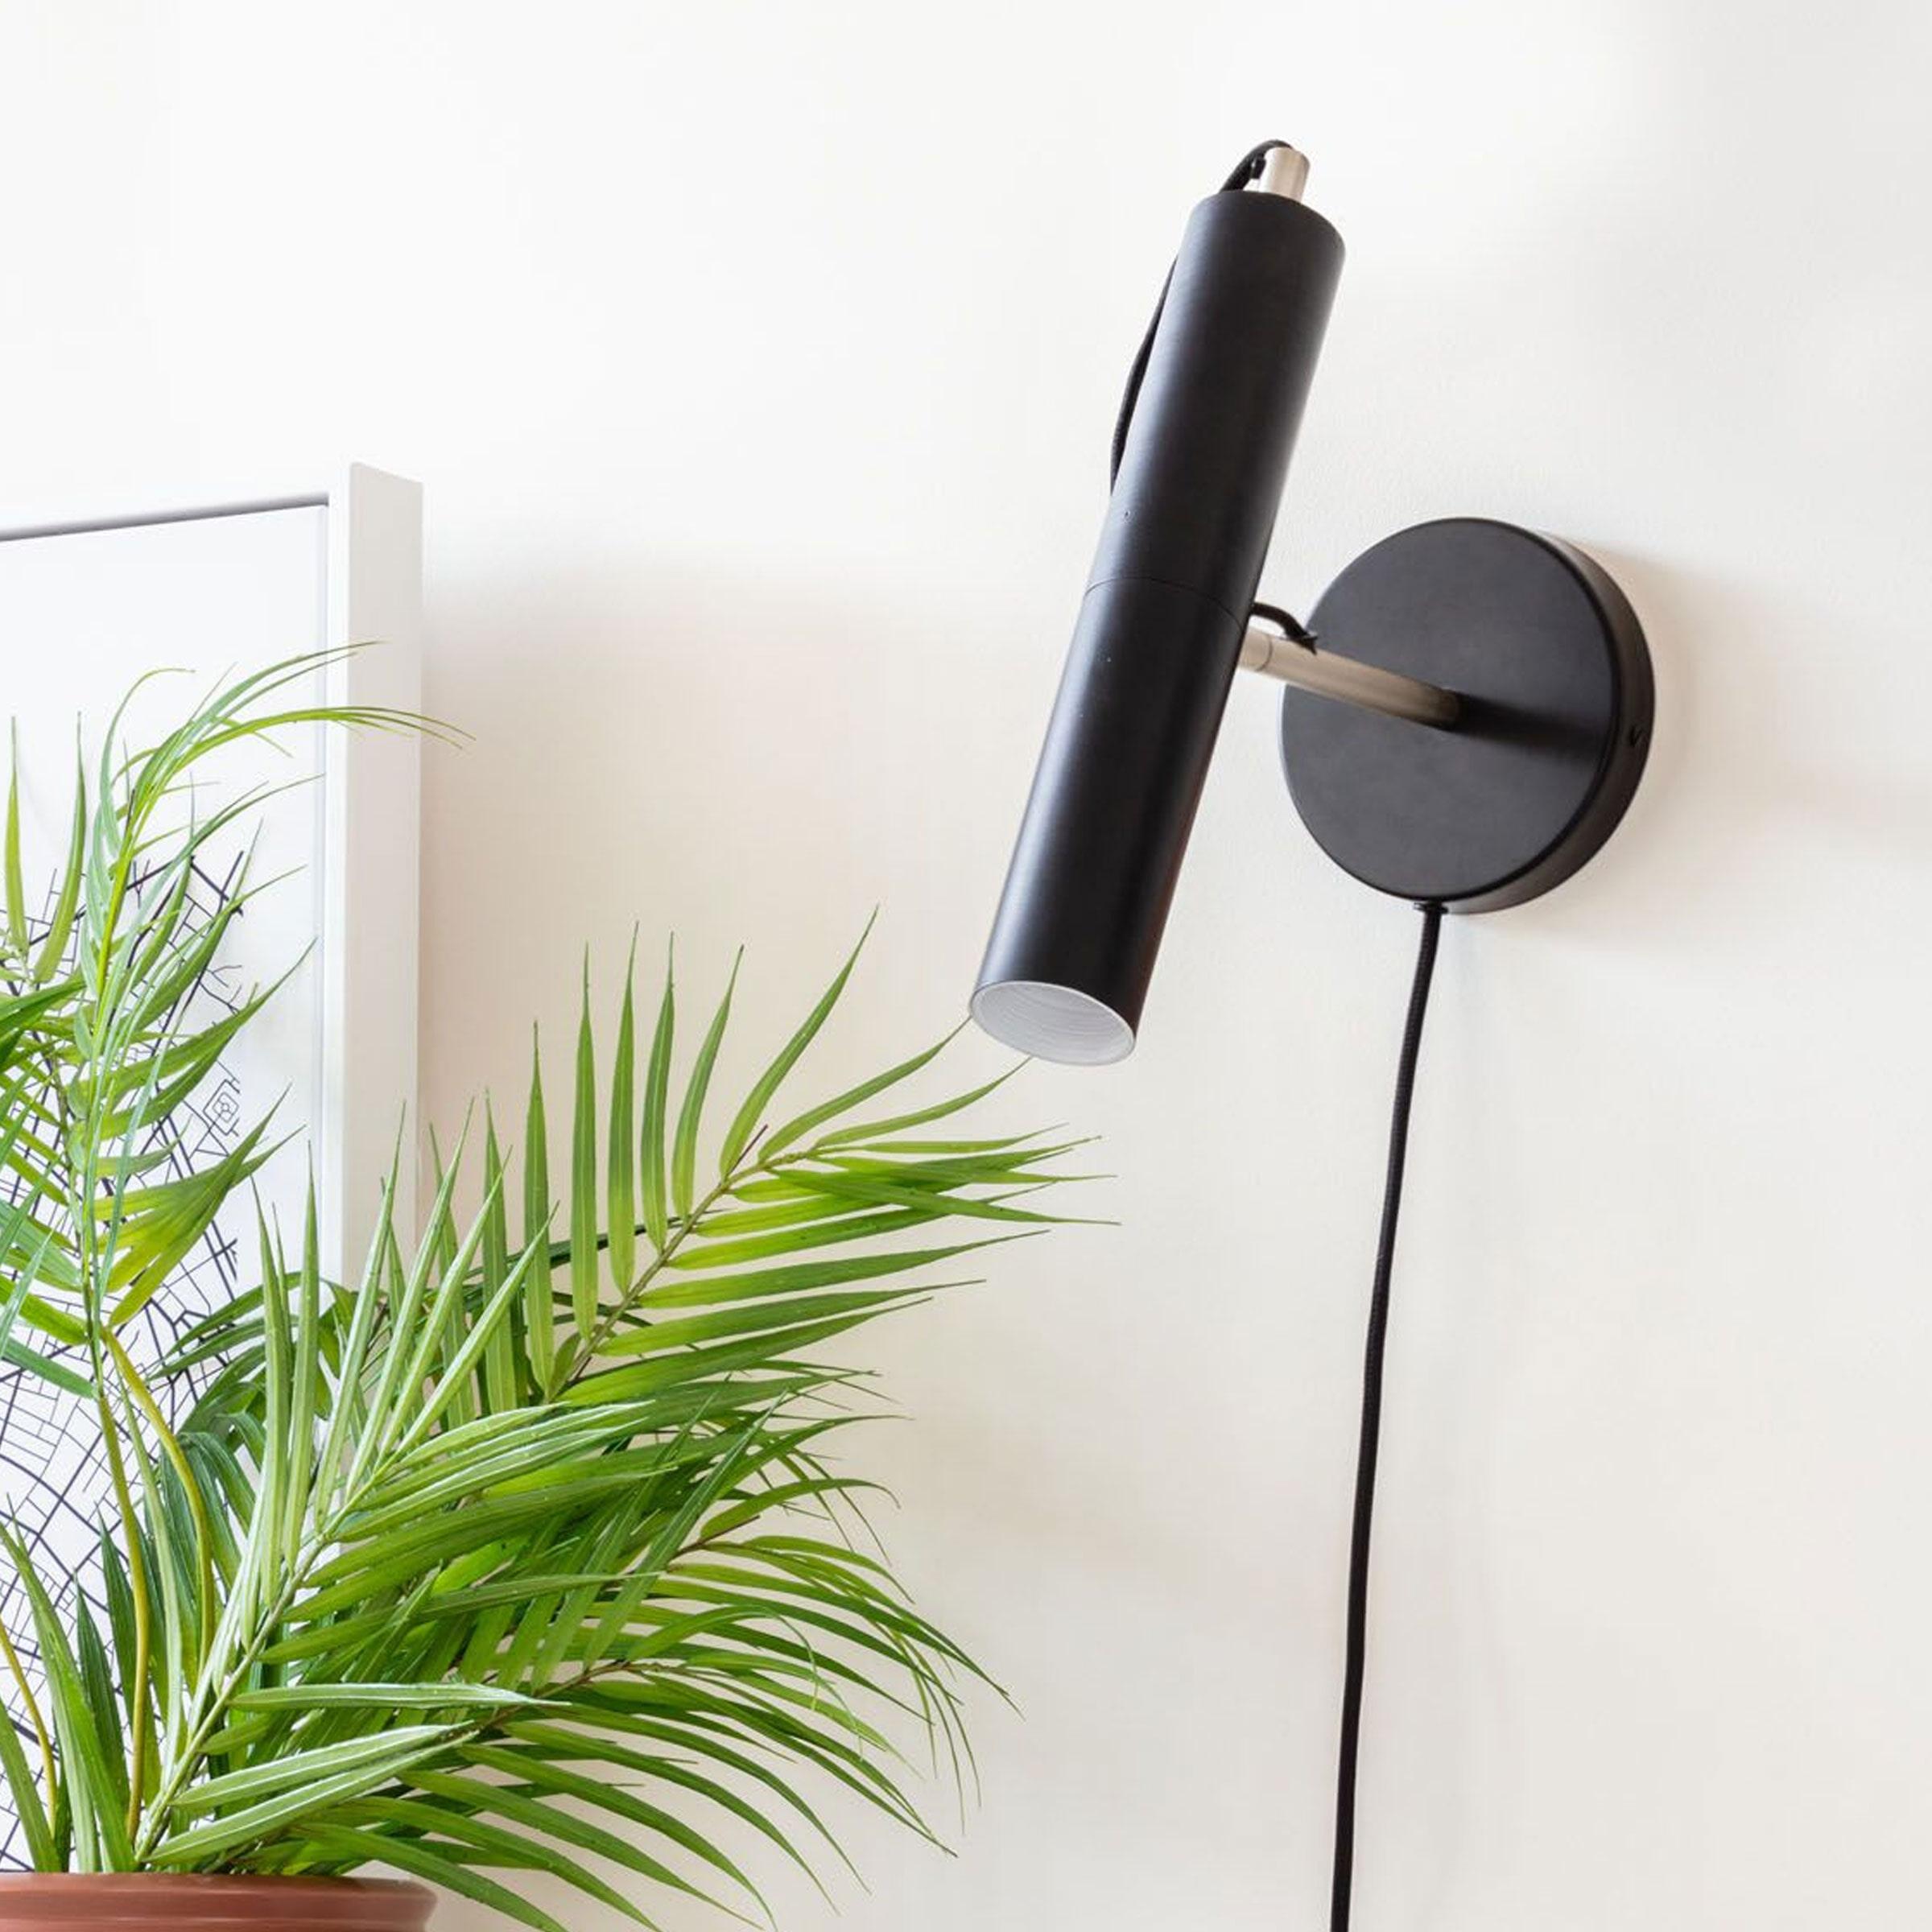 Kave Home Wandlamp 'Maude', kleur Zwart